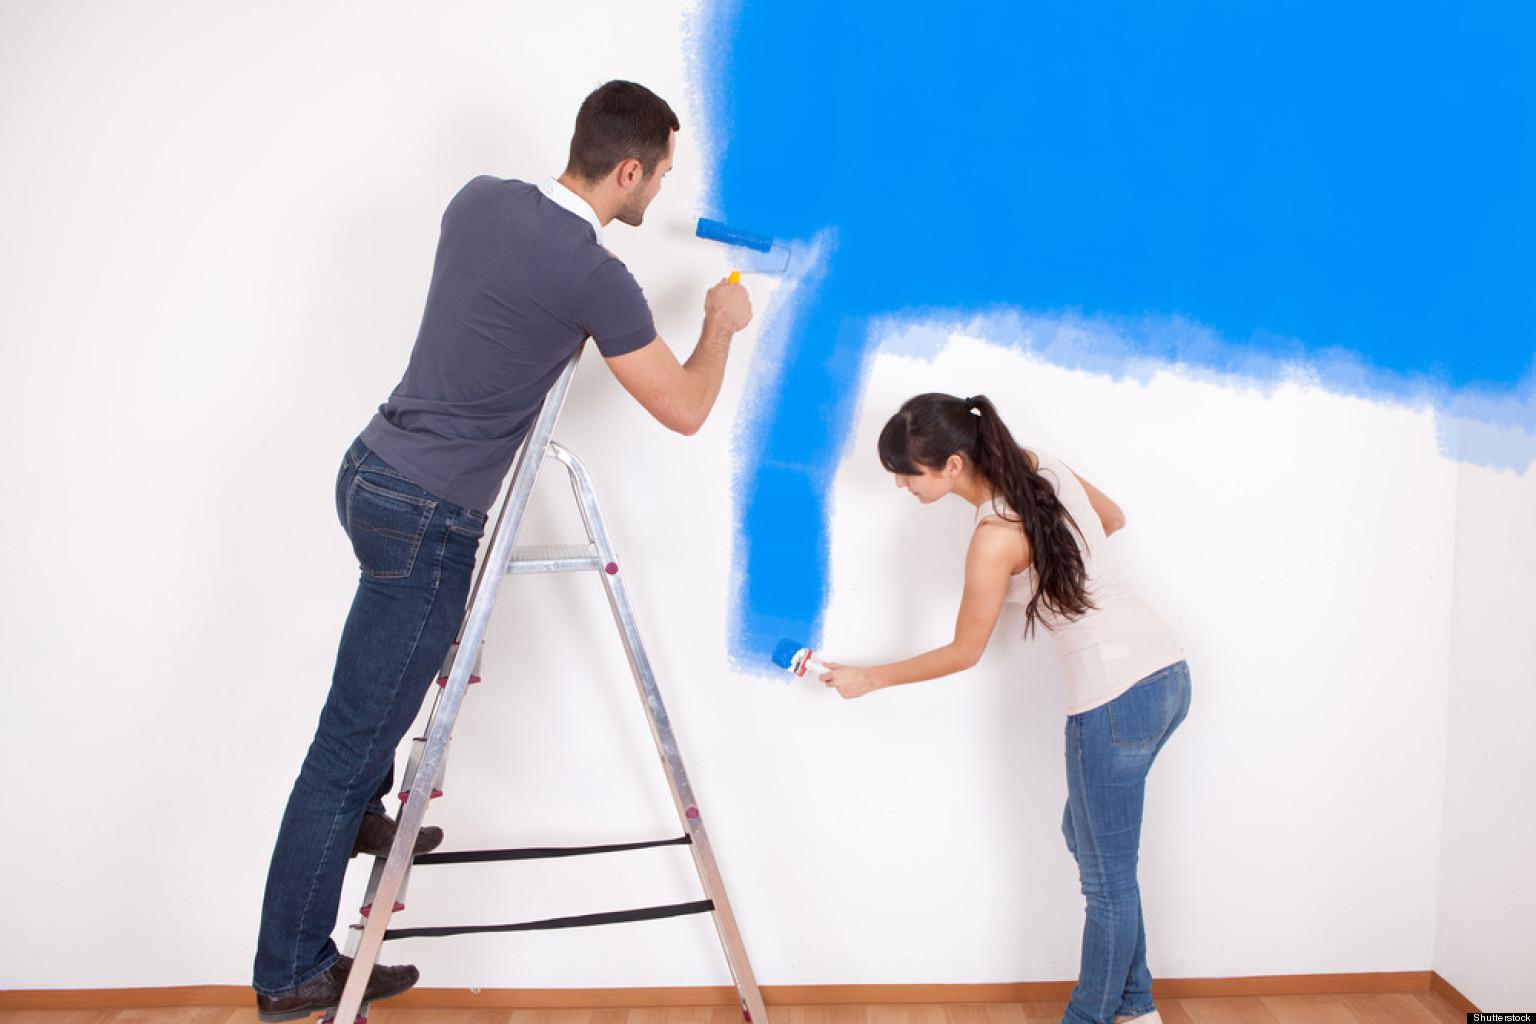 Hướng dẫn chi tiết các bước sơn nhà cơ bản, đúng kỹ thuật